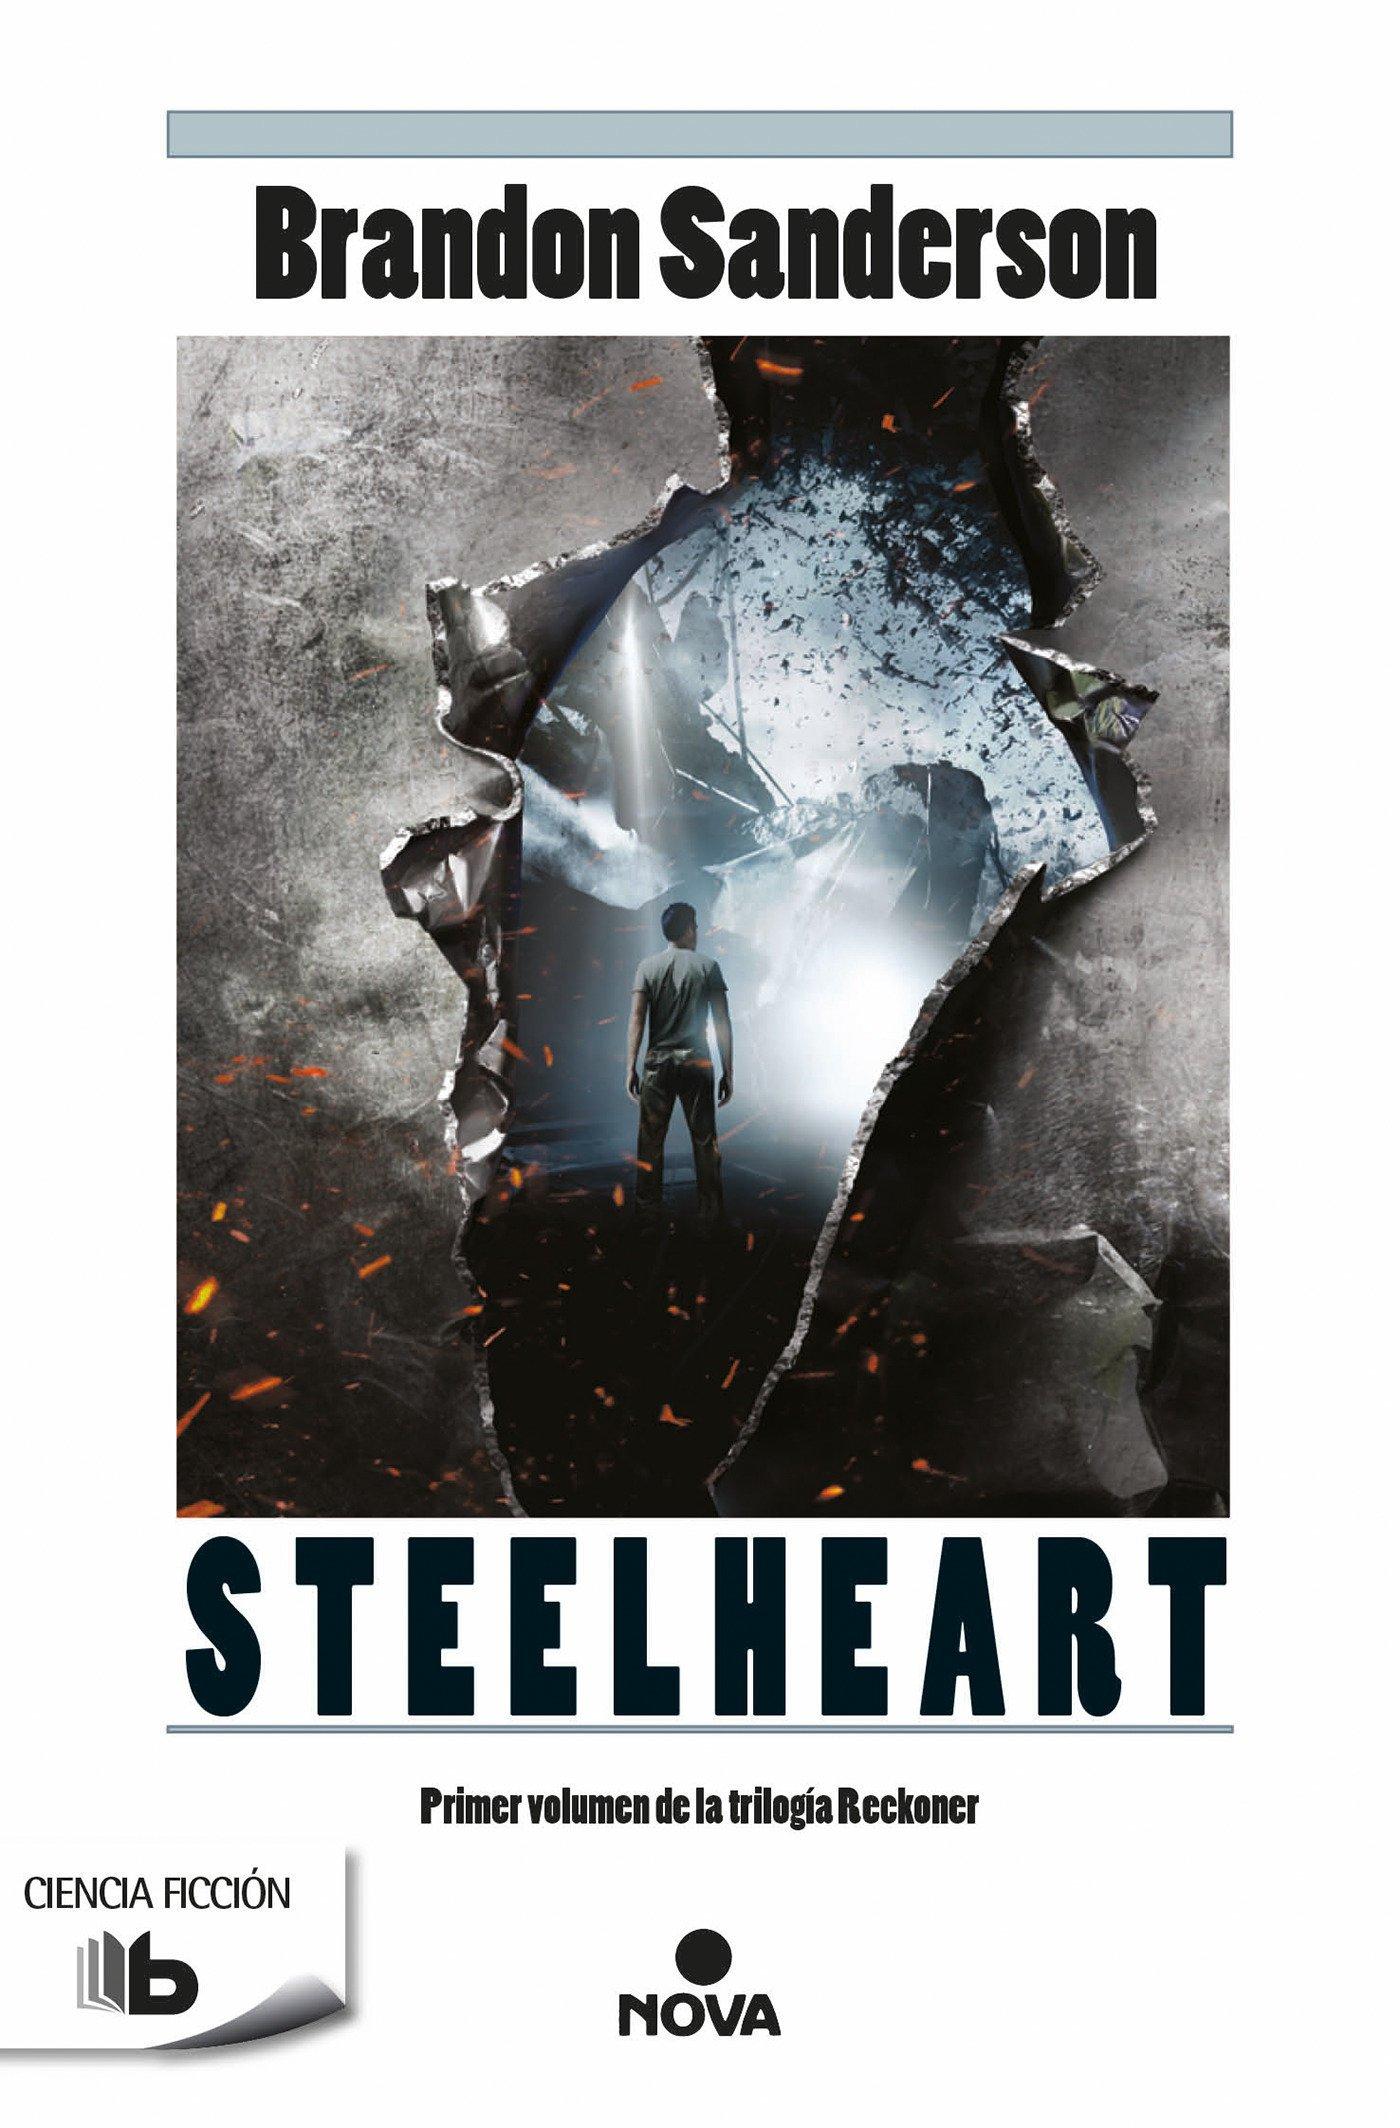 Steelheart (Trilogía de los Reckoners 1) (B DE BOLSILLO) Tapa blanda – 10 jun 2015 Brandon Sanderson Bbolsillo 8490700958 Guerrilla warfare; Fiction.